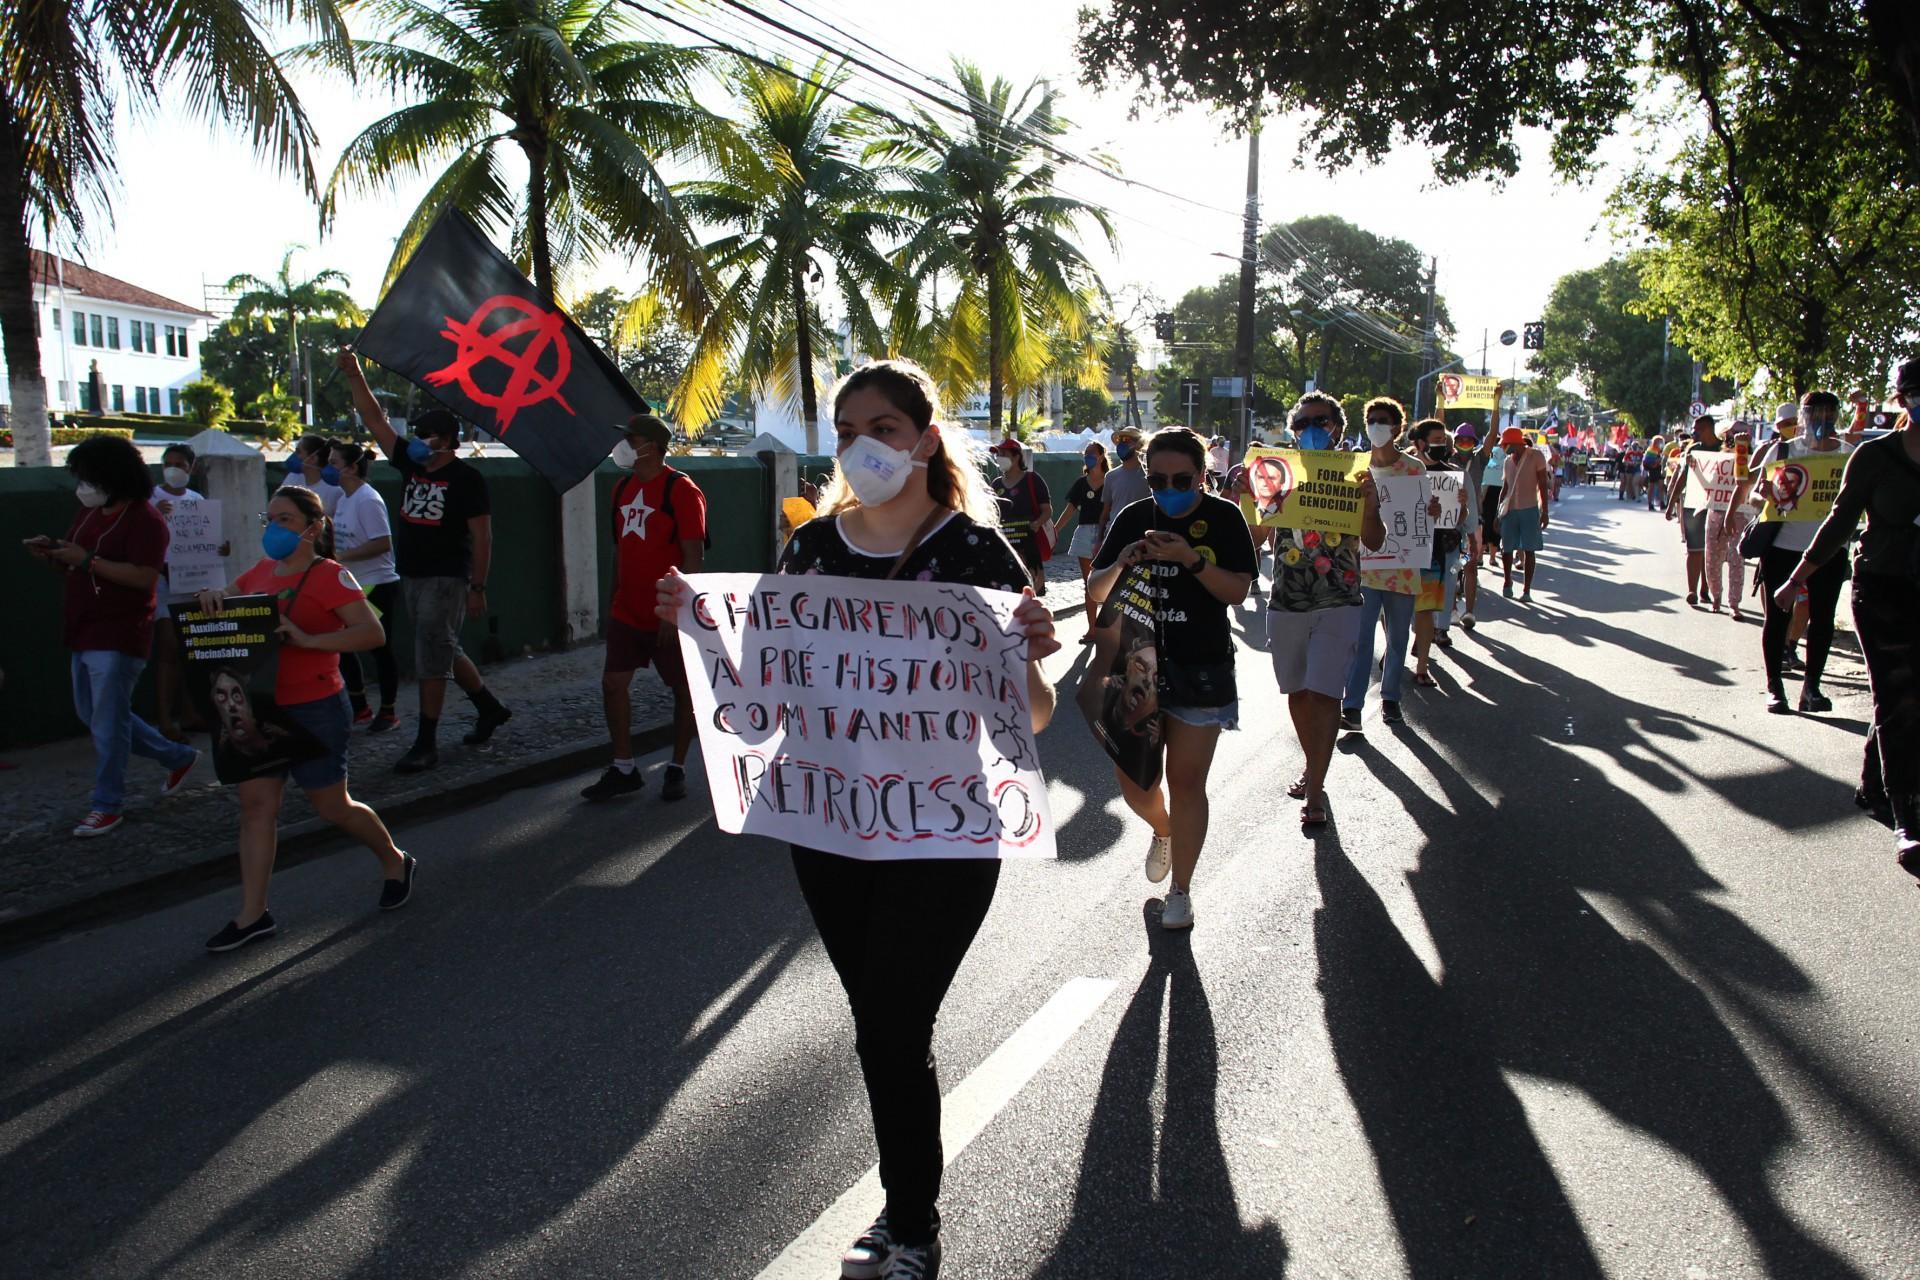 EM OUTRO ponto, os manifestantes fizeram uma caminhada do Benfica à Igreja de Fátima (Foto: FABIO LIMA)